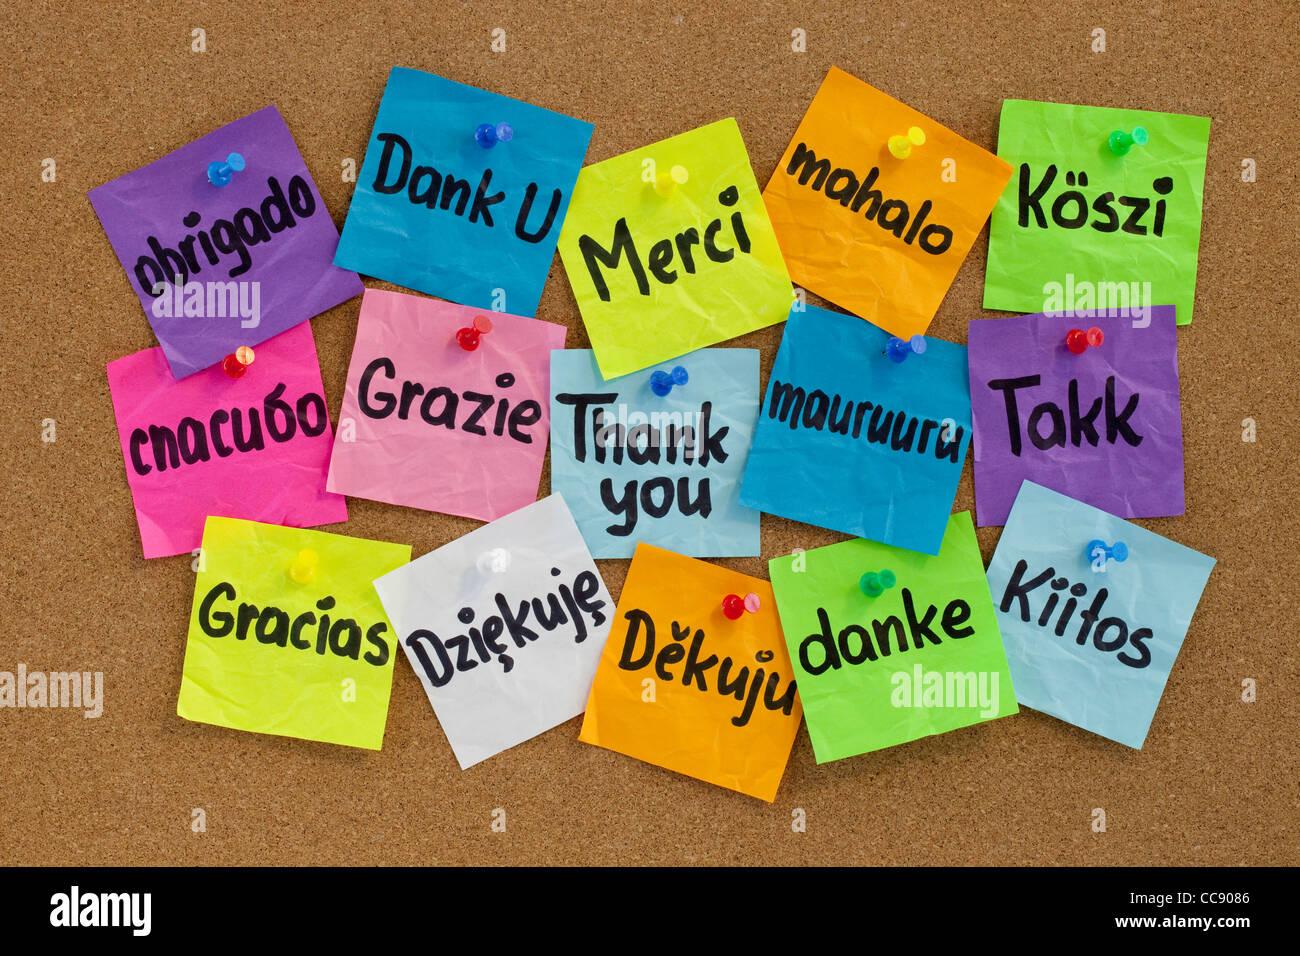 Danke in 16 Sprachen - bunte Haftnotizen mit Handschrift auf Kork-Pinnwand Stockbild